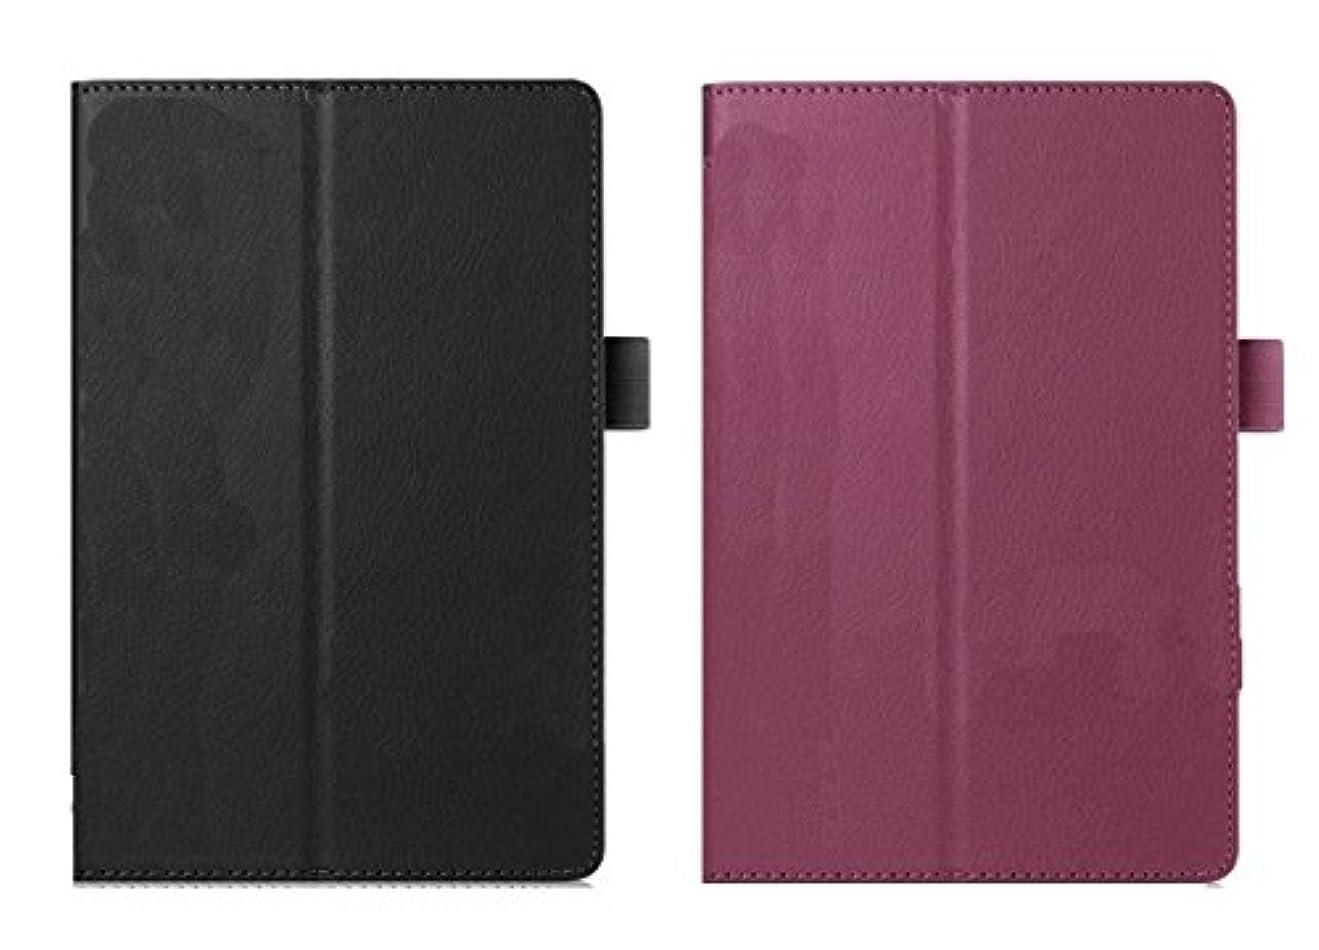 胚助けて沿ってエイスース Asus ZenPad S 8.0 Z580CA専用 保護ケース スタンド機能付きカバー (パープル)「507-0048-02」